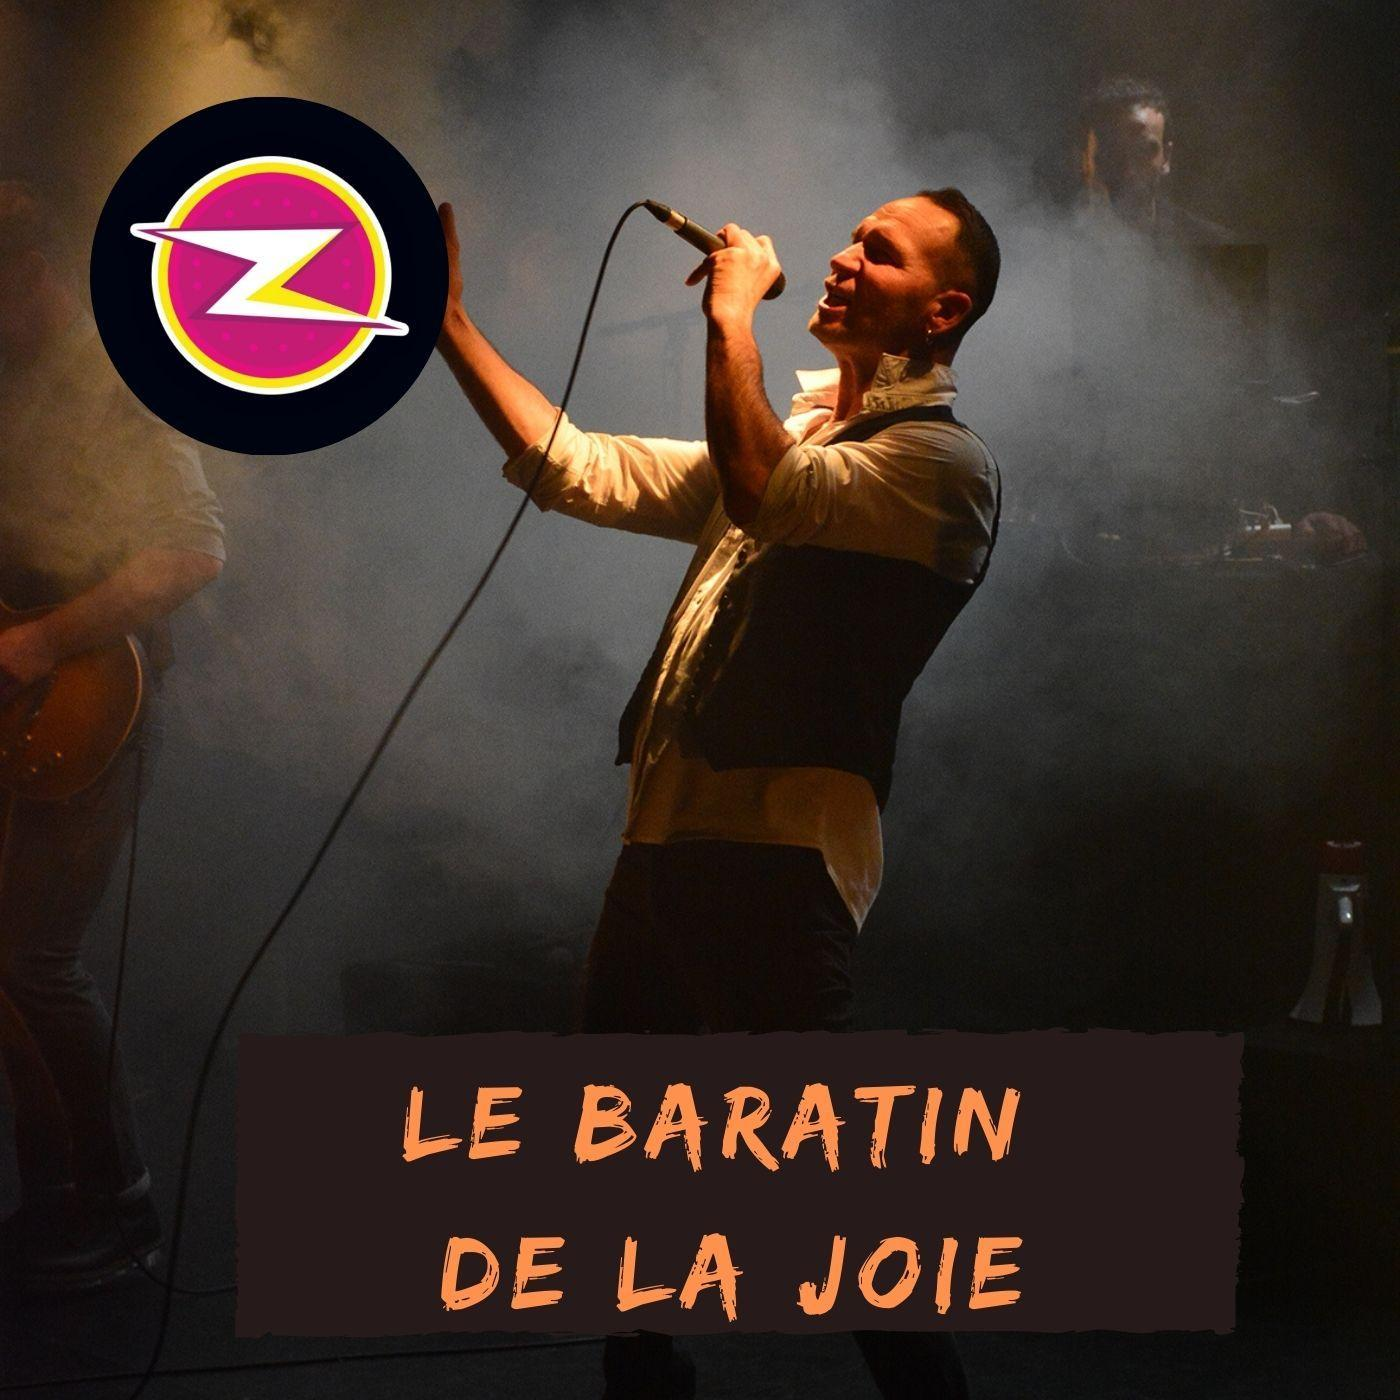 Le Baratin de La Joie